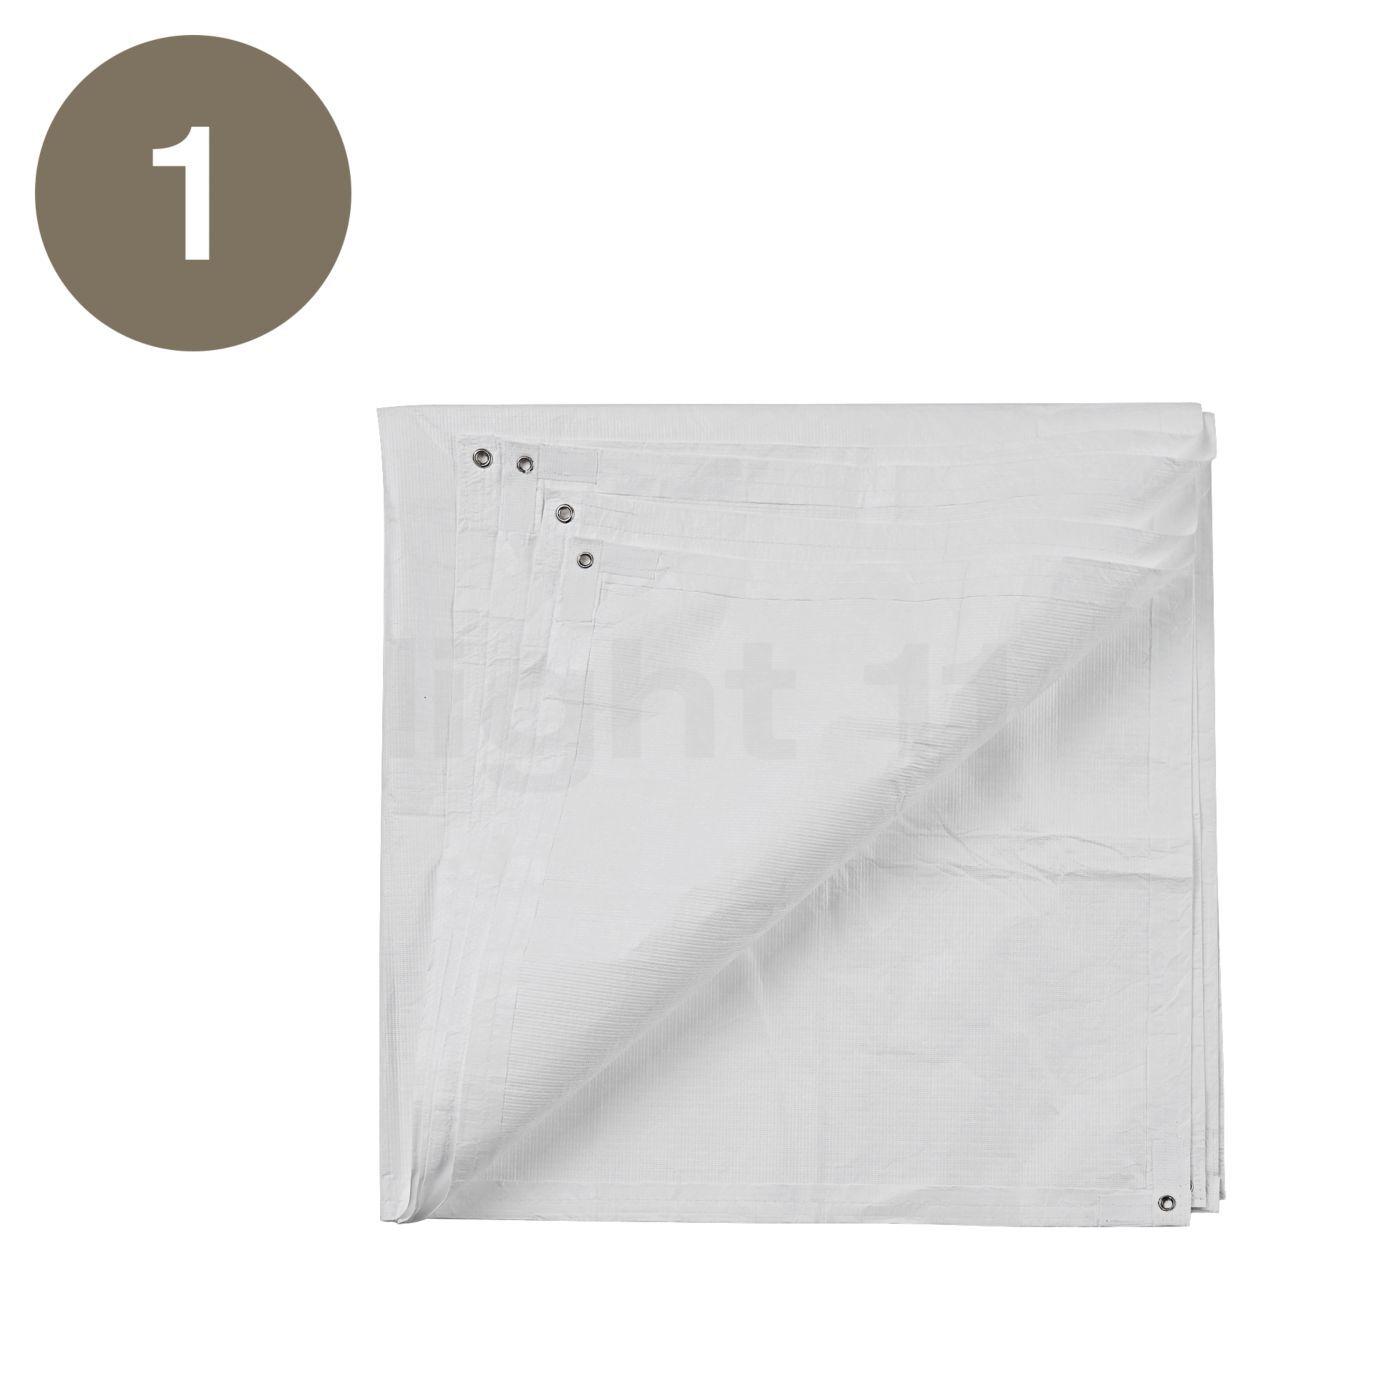 Flos Pièces détachées pour Ariette, Pièce n°1 : set tissus Ariette 80 x 80 cm